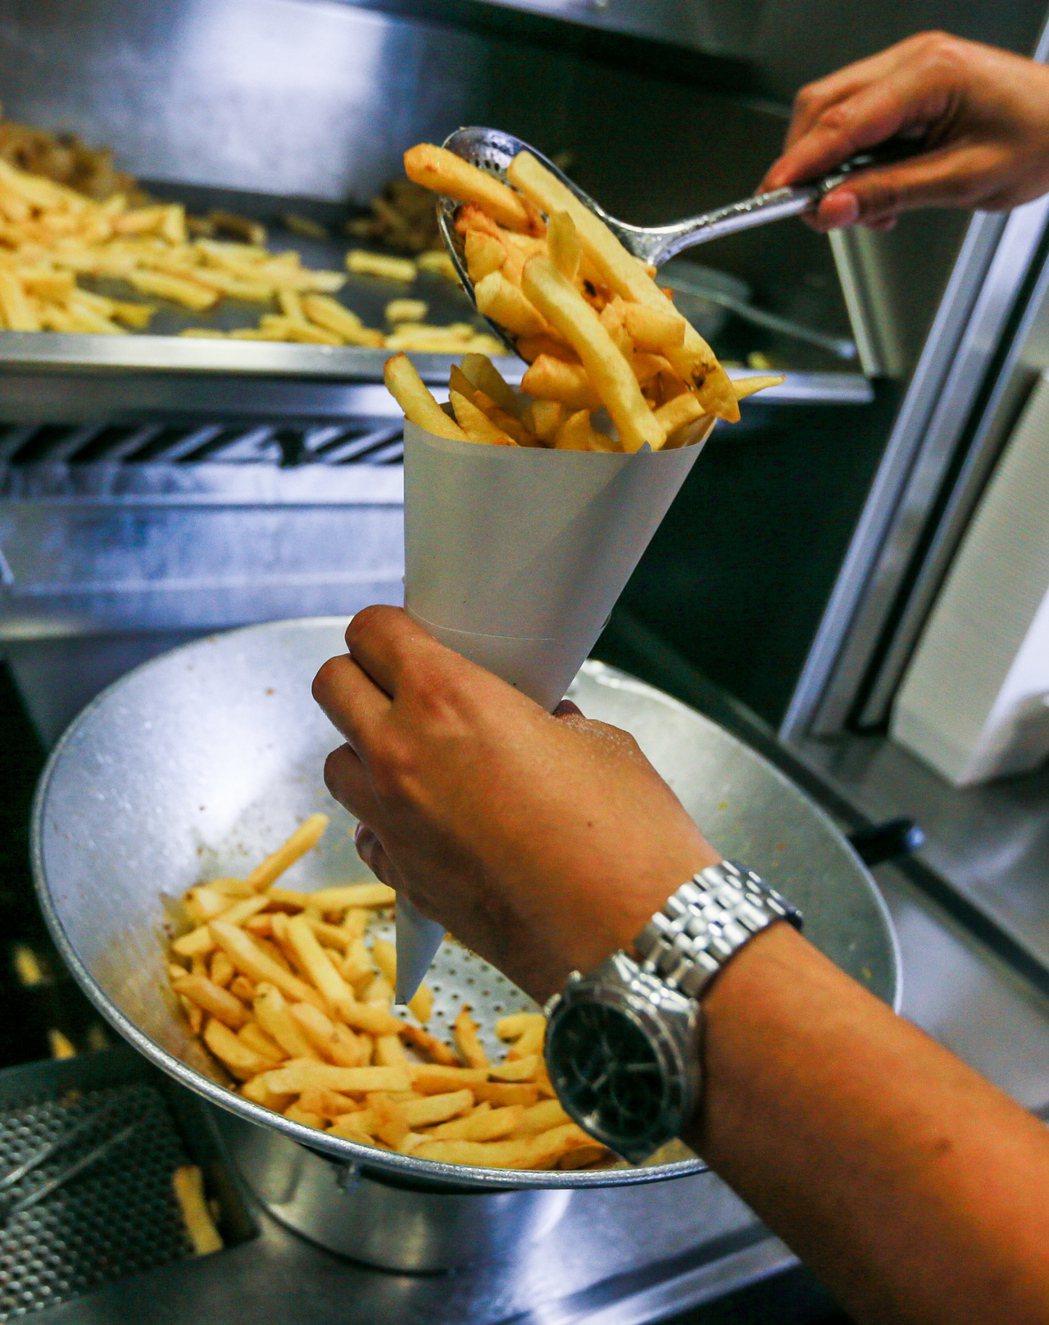 一名青少年長年偏食只吃垃圾食物,造成視神經病變。圖為薯條示意圖。歐新社